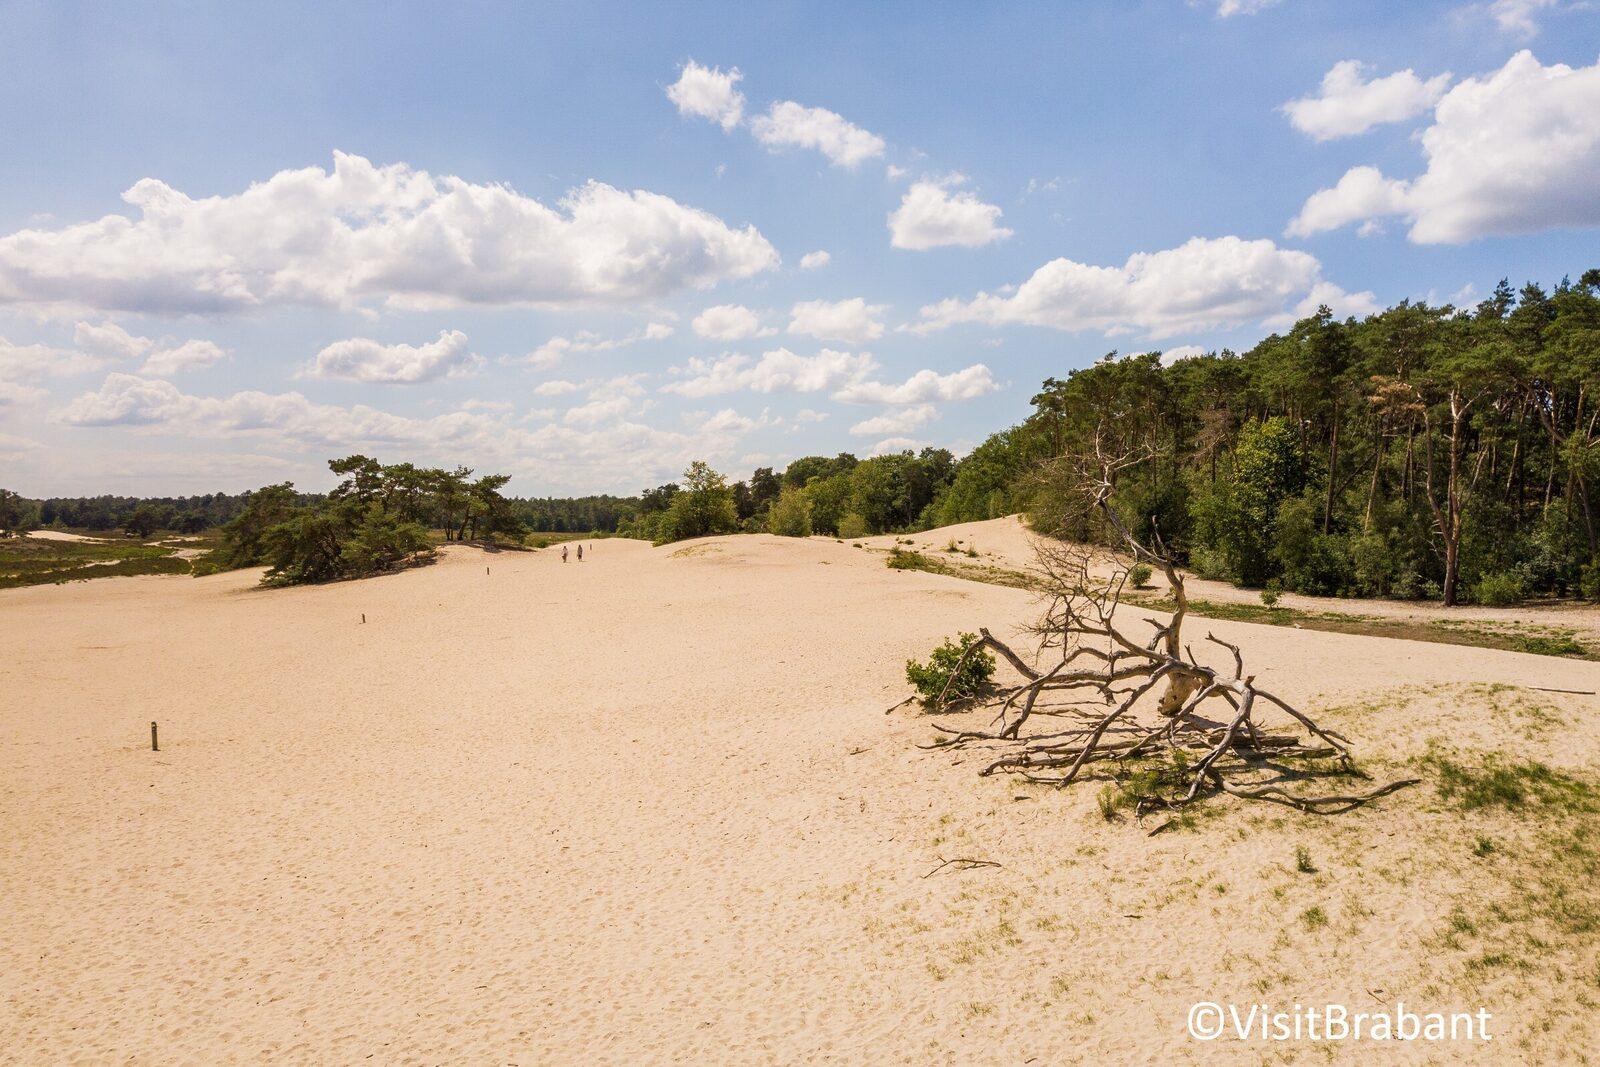 Nationaal Park De Loonse en Drunense Duinen in Brabant